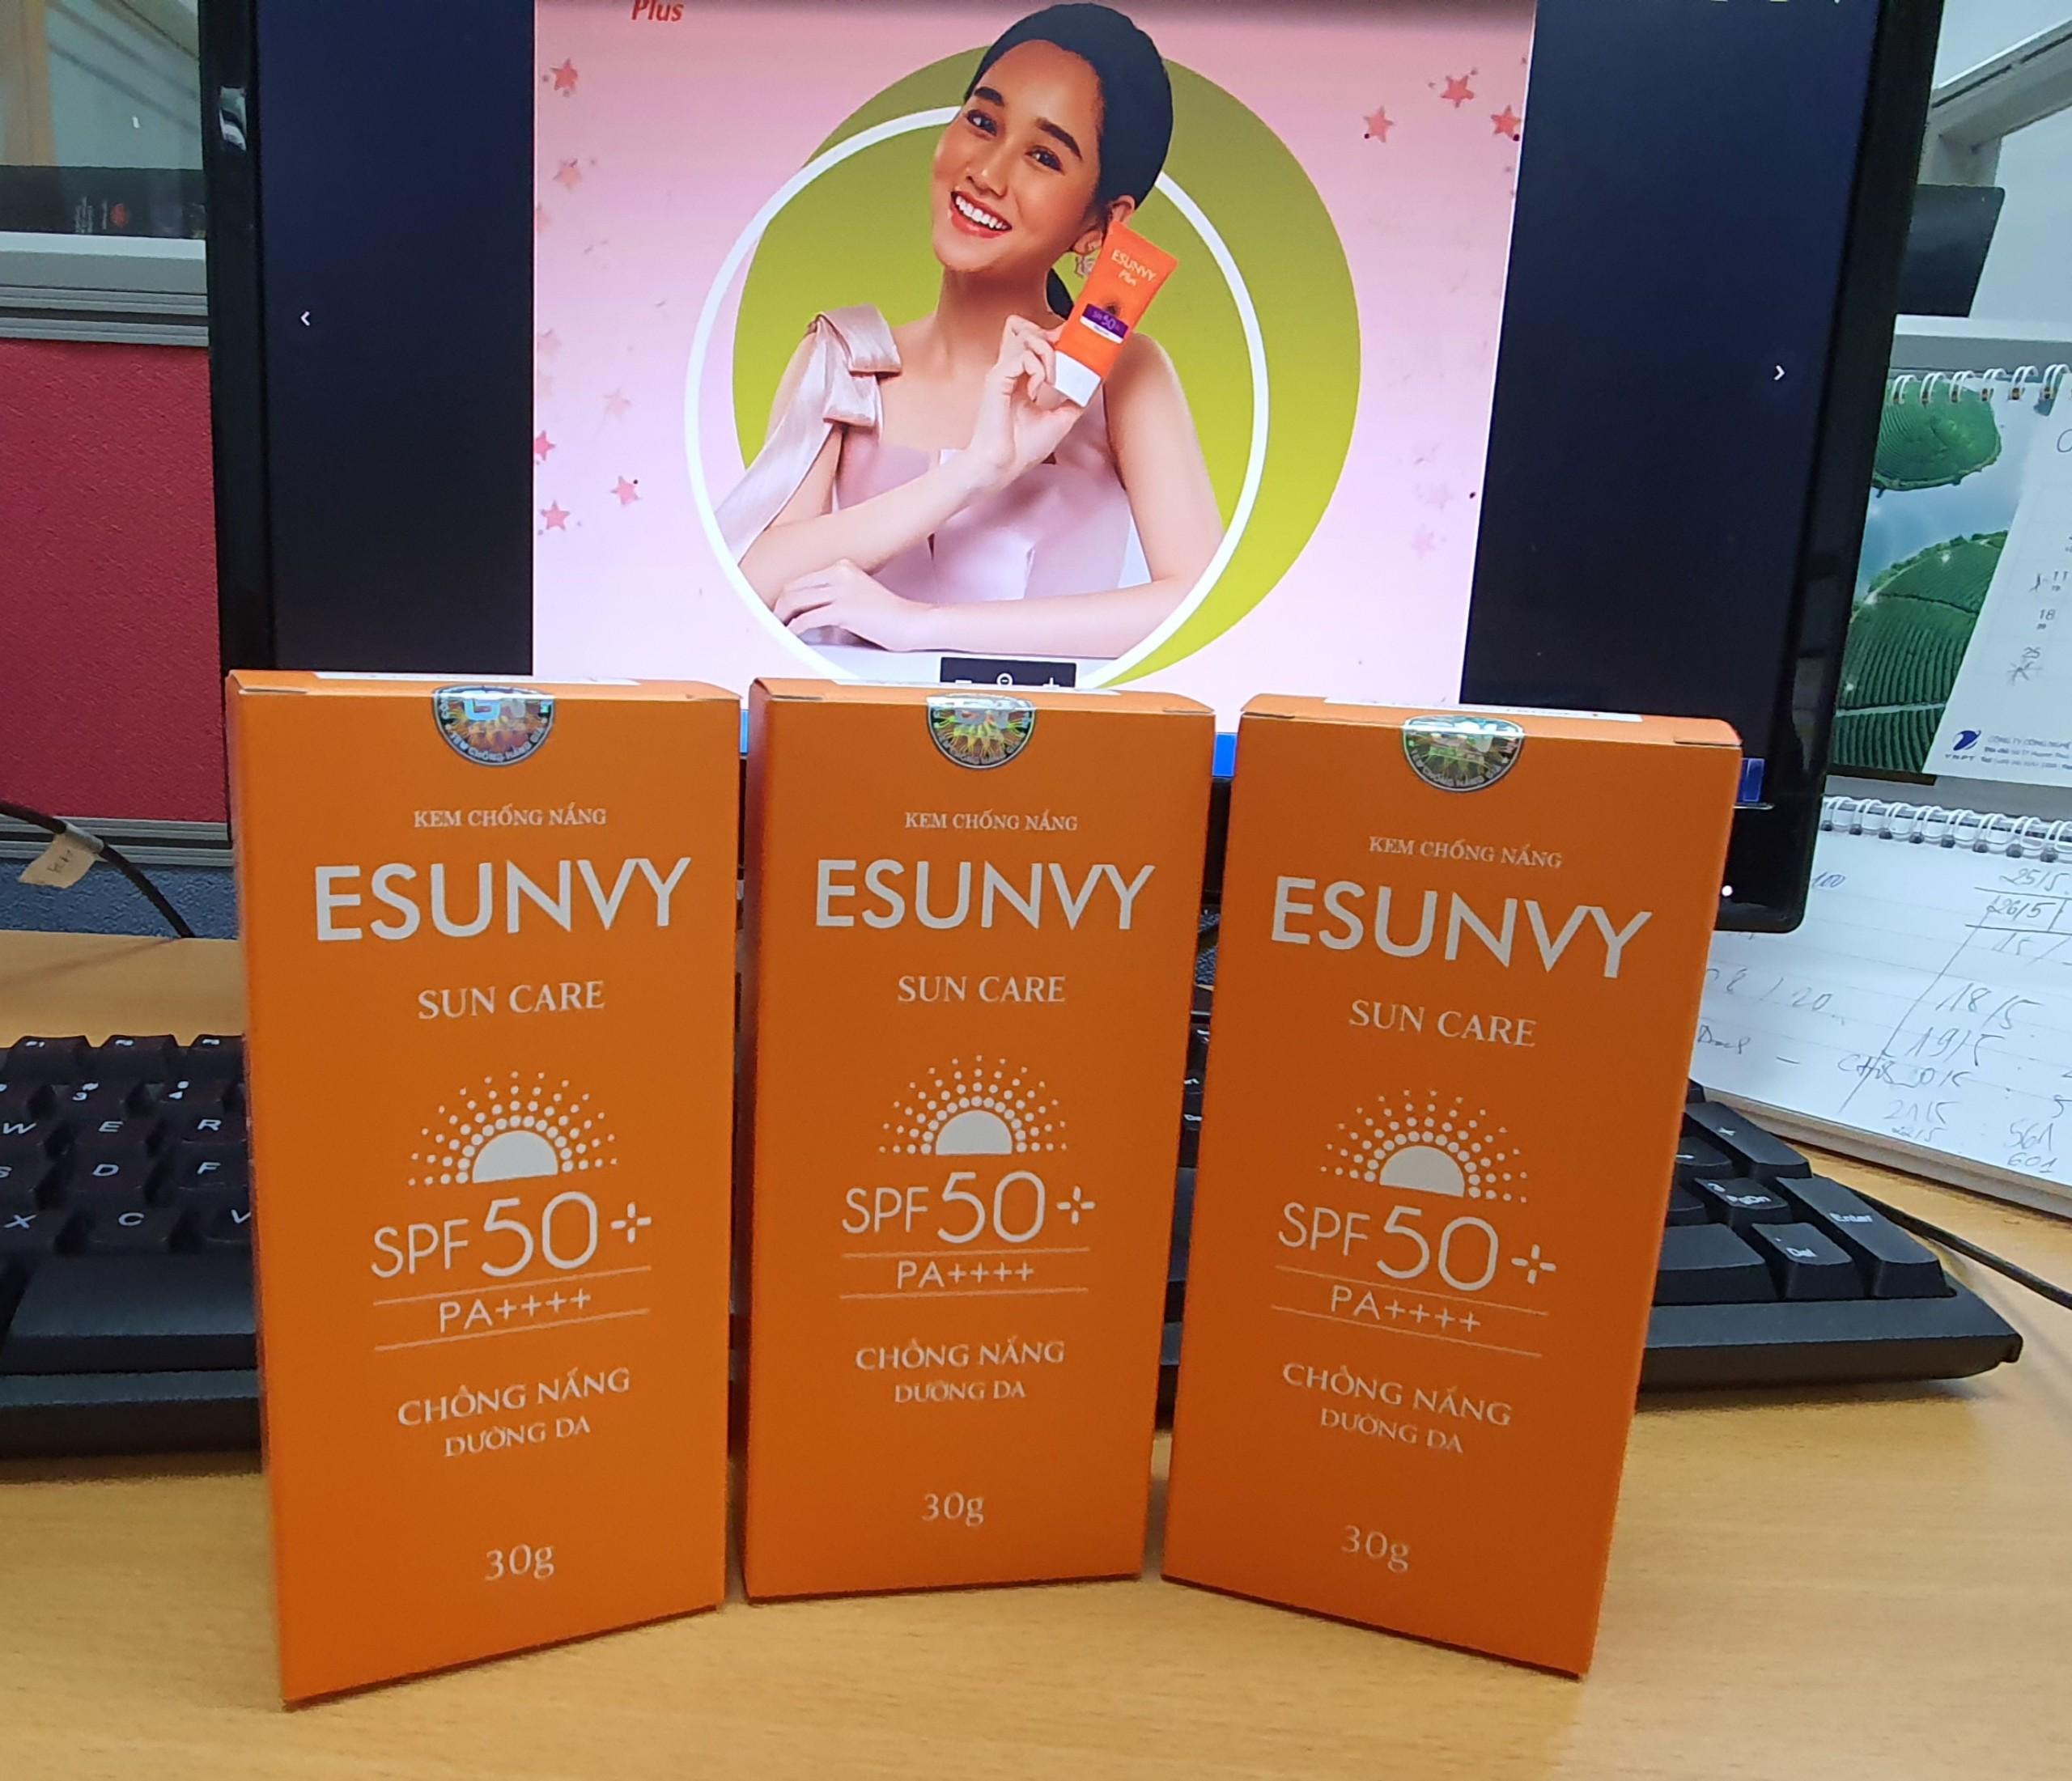 KEM CHỐNG NẮNG ESUNVY SUN CARE SPF50+/PA++++ - Chống nắng, dưỡng da - Tuýp 30g